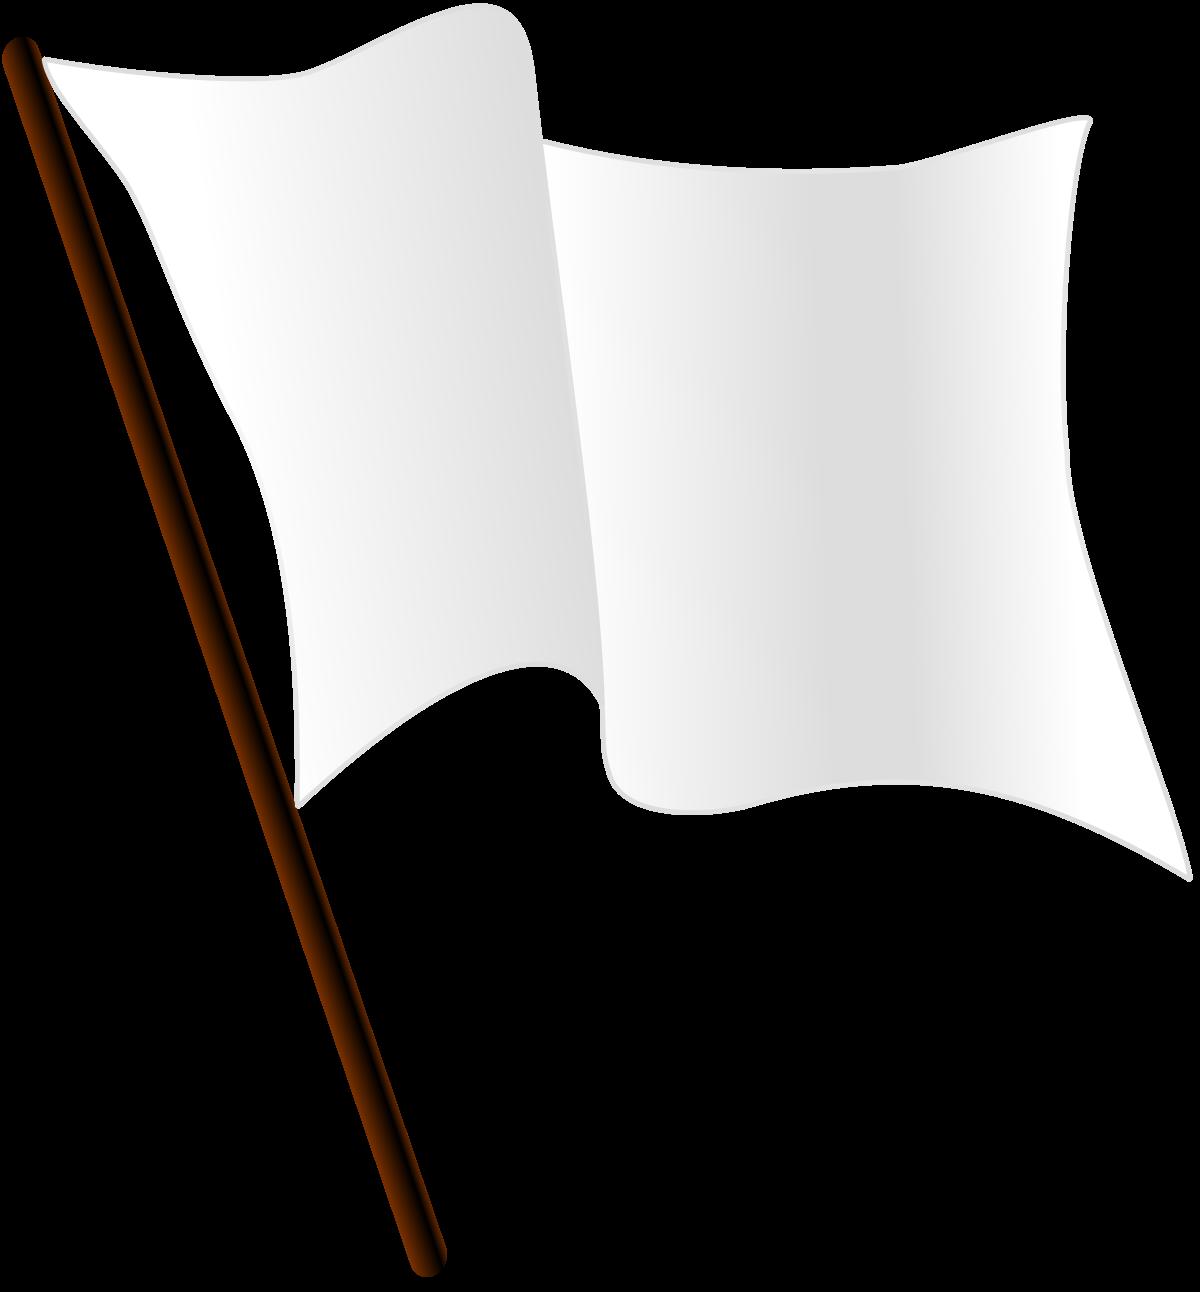 White flag.